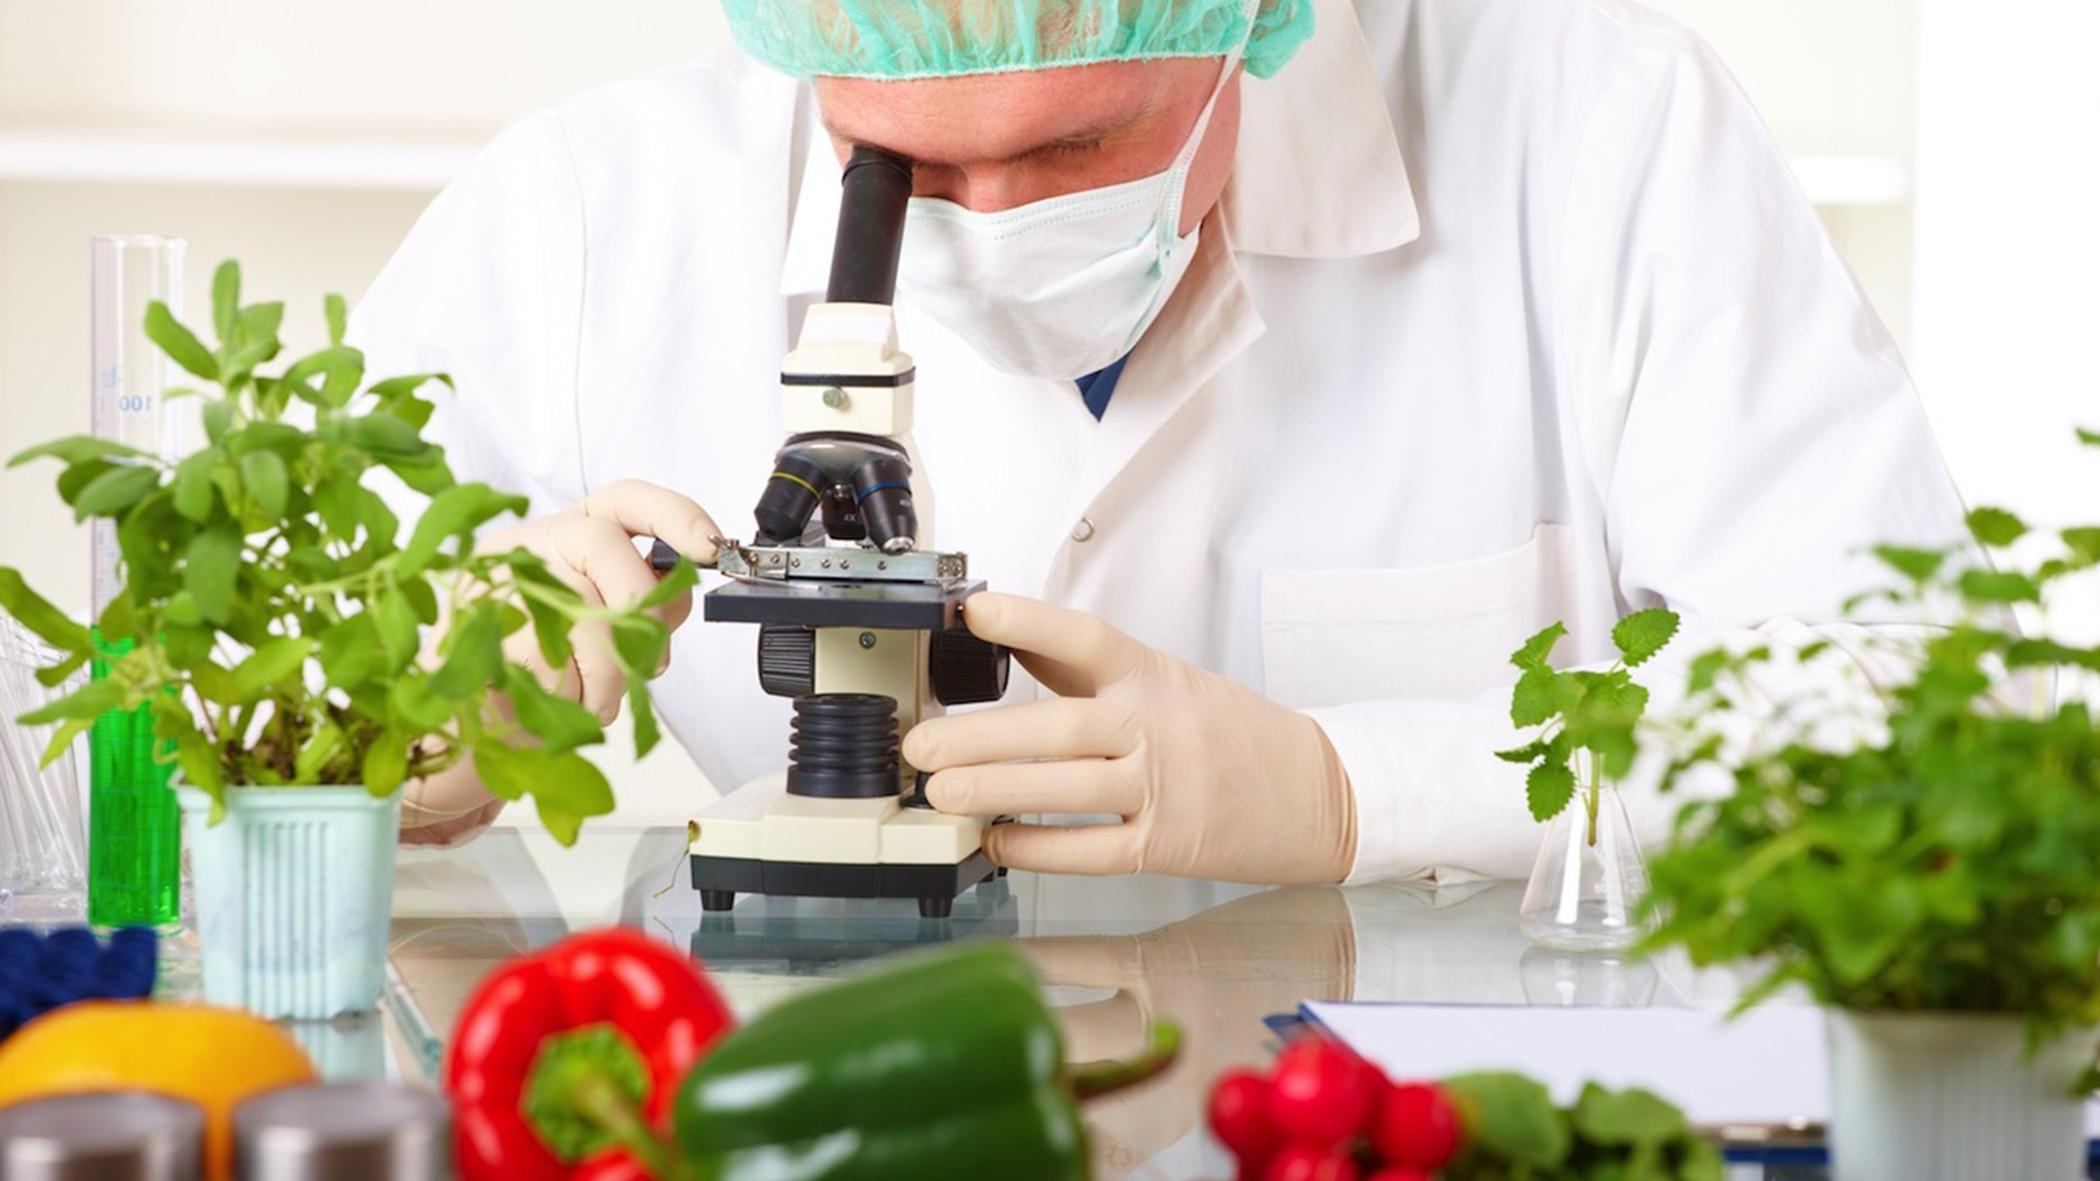 ΕΦΕΤ: Κατάρτιση προσωπικού επιχειρήσεων τροφίμων